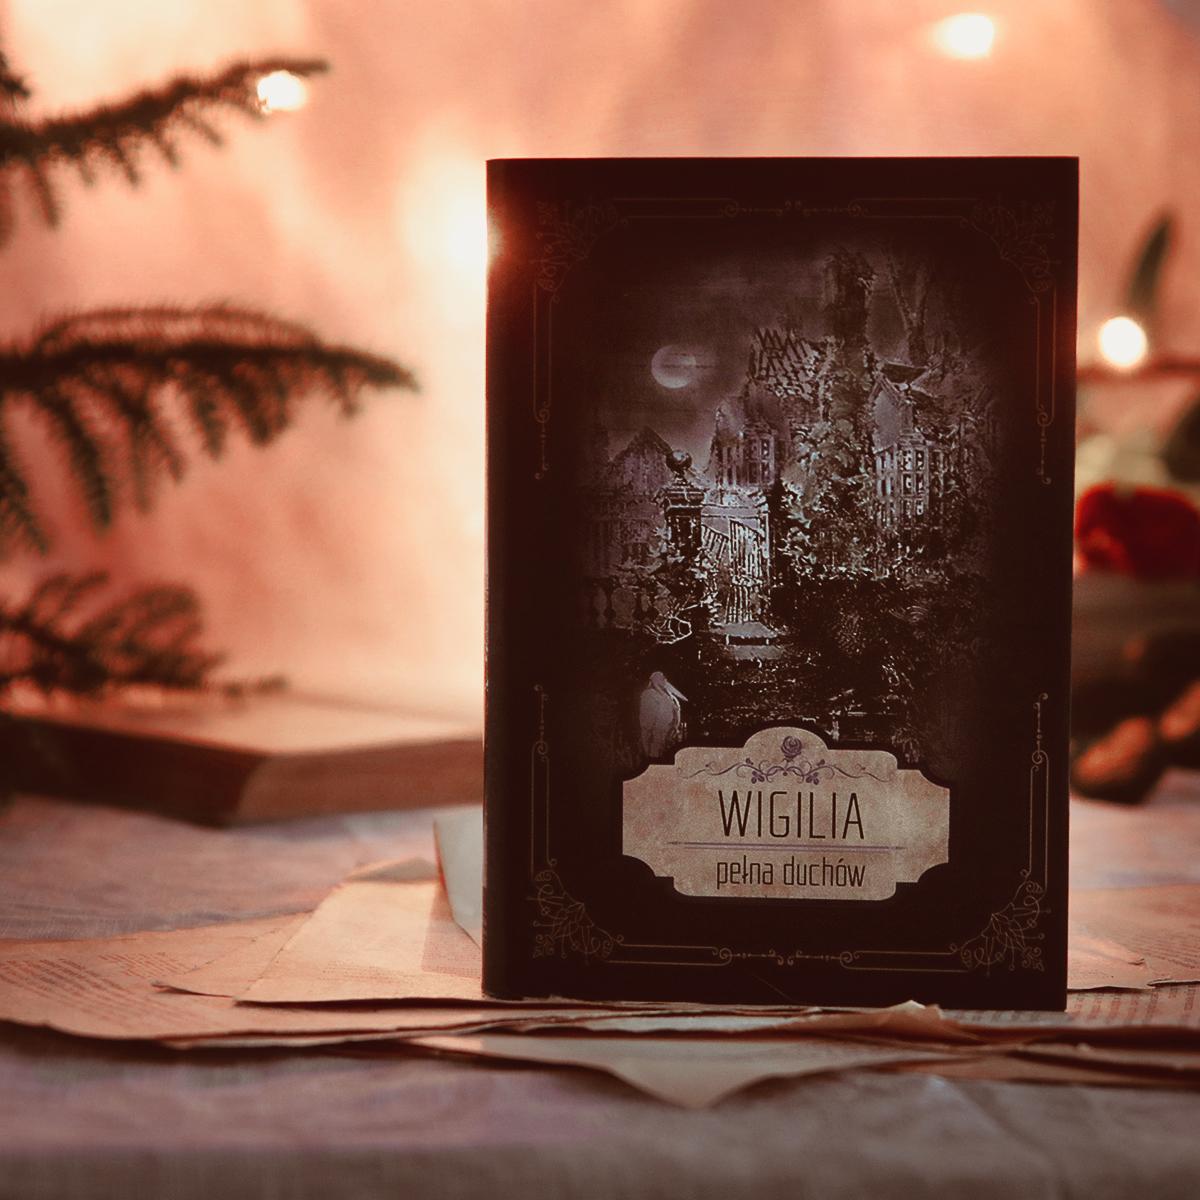 #147 Wigilia pełna duchów - antologia